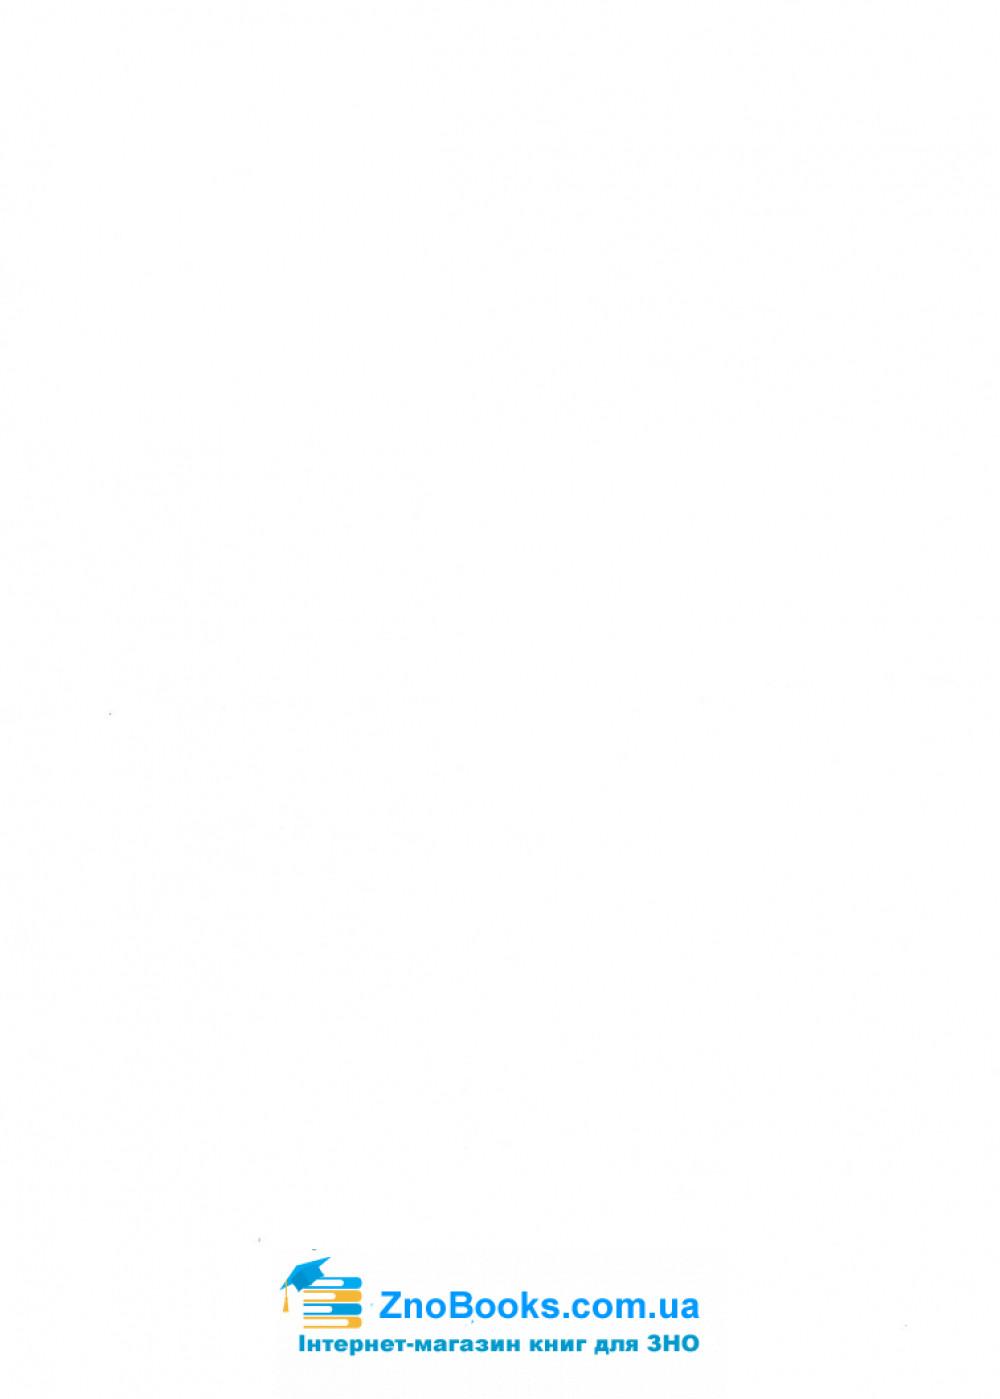 Українська мова. Тести для підготовки до ЗНО : Штонь О., Бабій І. Навчальна книга - Богдан. купити 1